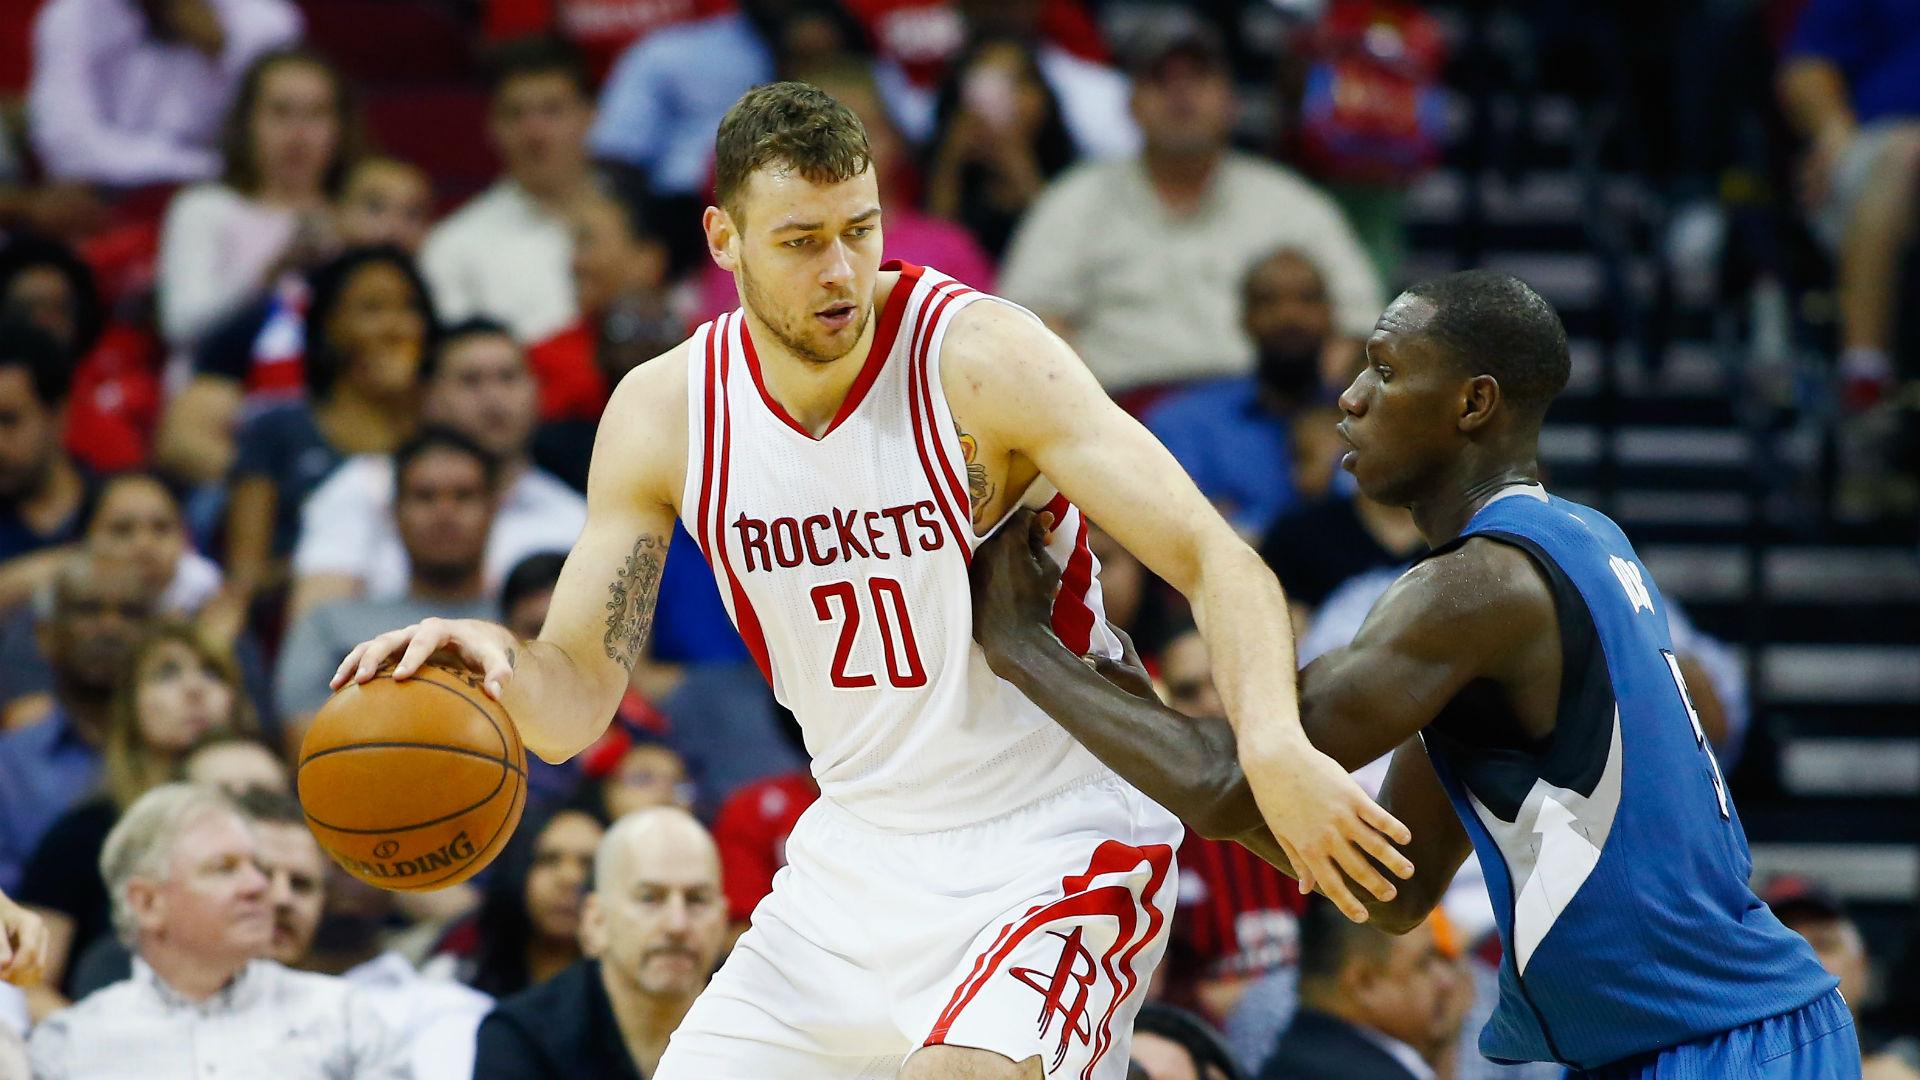 Pelicans big man Donatas Motiejunas suing Rockets, NBA over contract